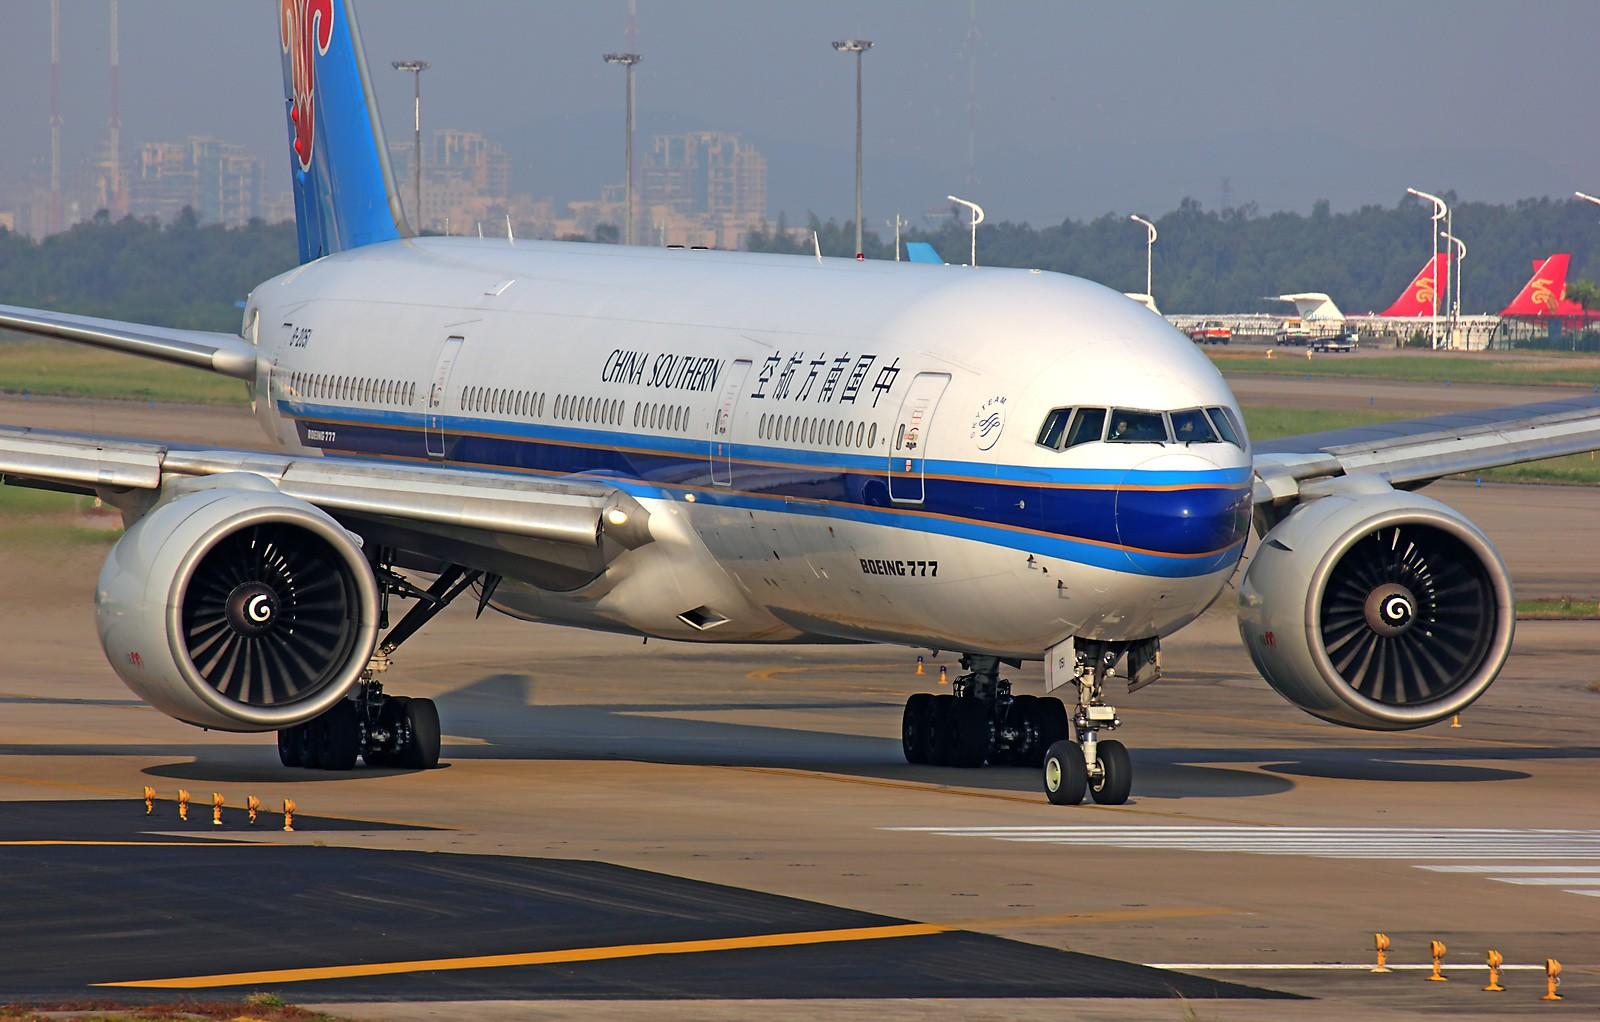 Re:[原创]*** 清晨美妙的光线,拍一拍等待中的飞机也是一种享受 *** BOEING 777-200 B-2051 中国广州白云机场